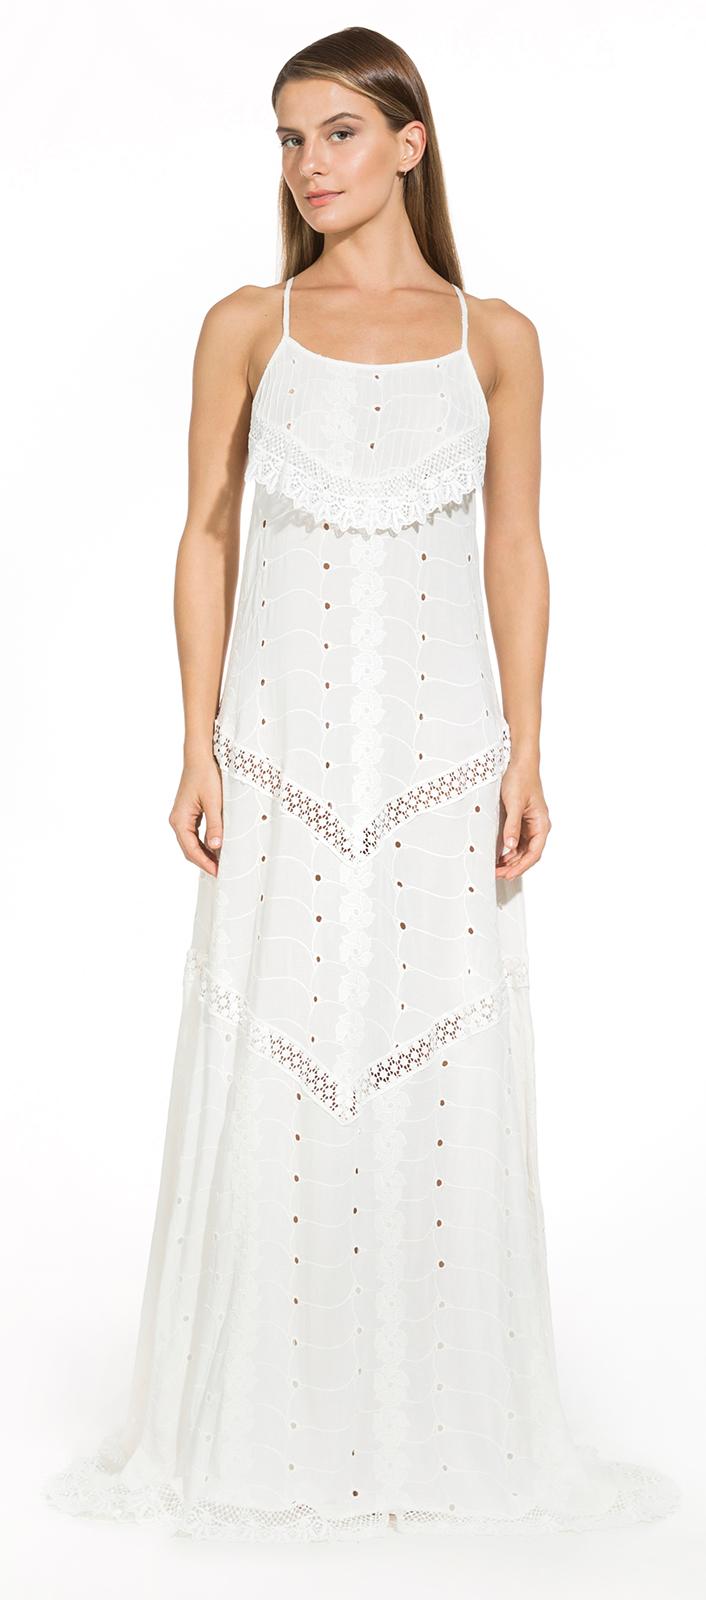 b829a2e52998 Lång Vit Strandklänning Med Virkade Detaljer - Paloma Off White - Dalai